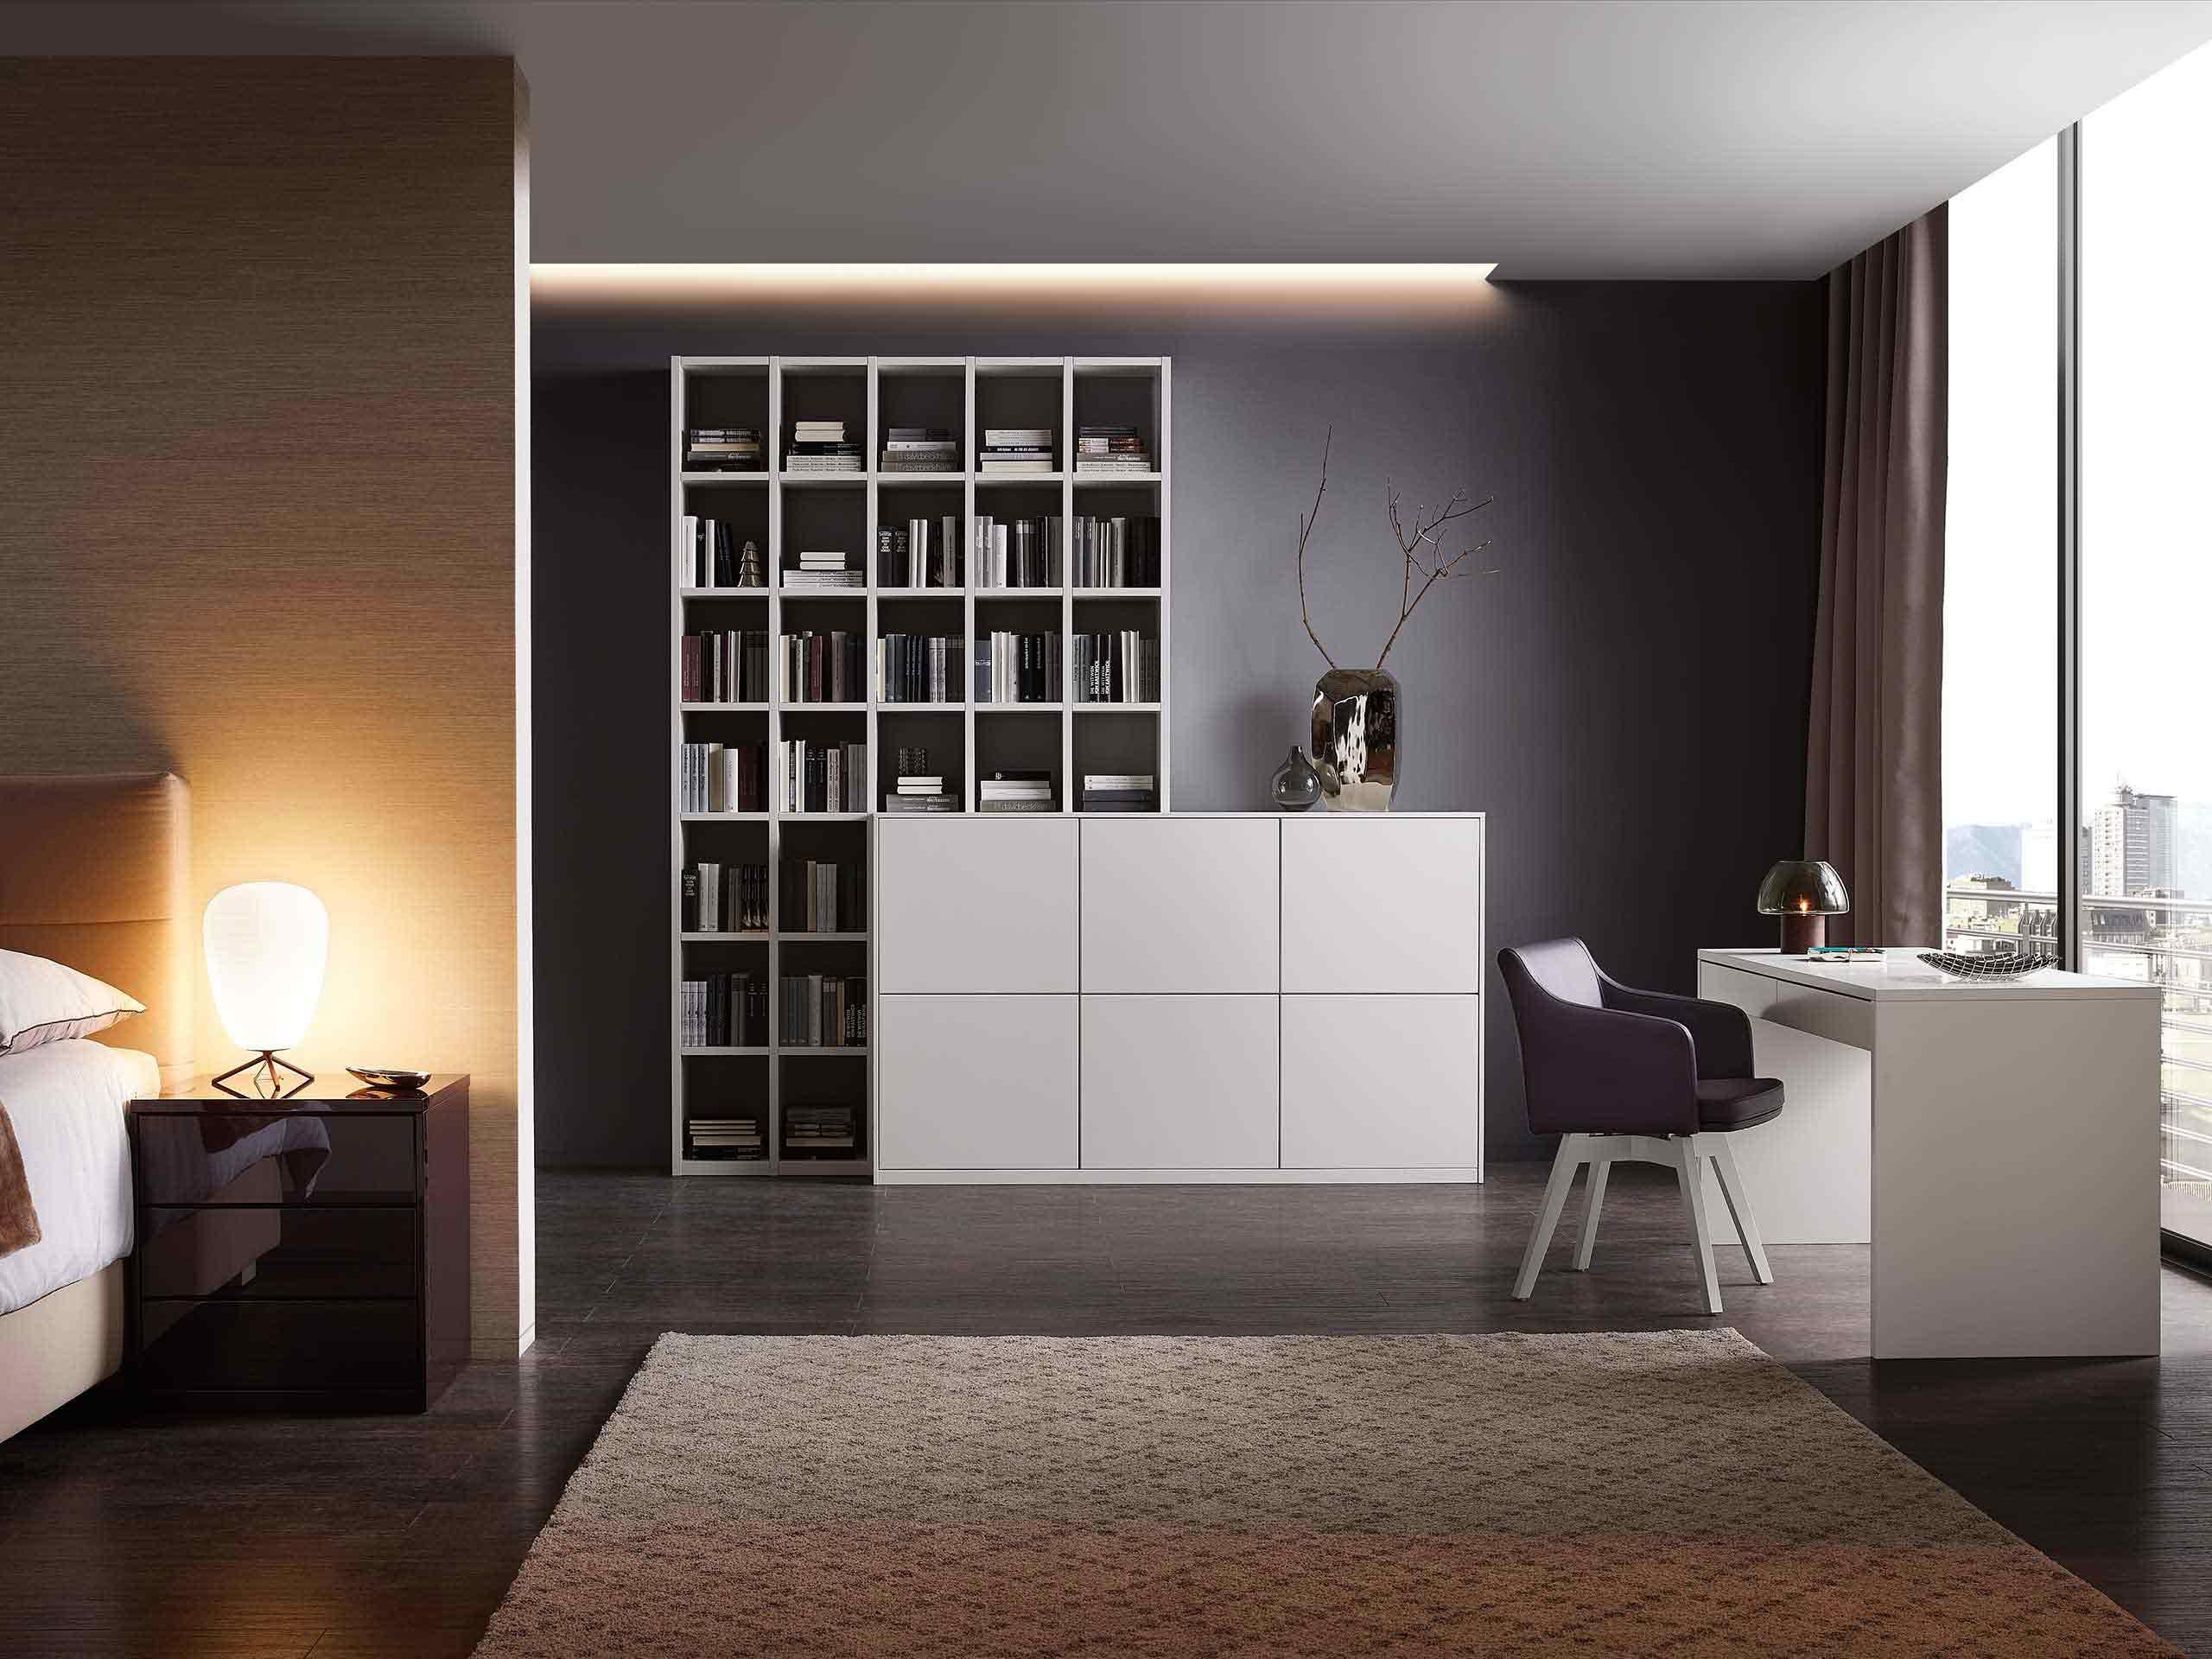 m bel borst ausstellungsst cke prinz wohnen u das beratungsfreundliche m belhaus in ulm. Black Bedroom Furniture Sets. Home Design Ideas